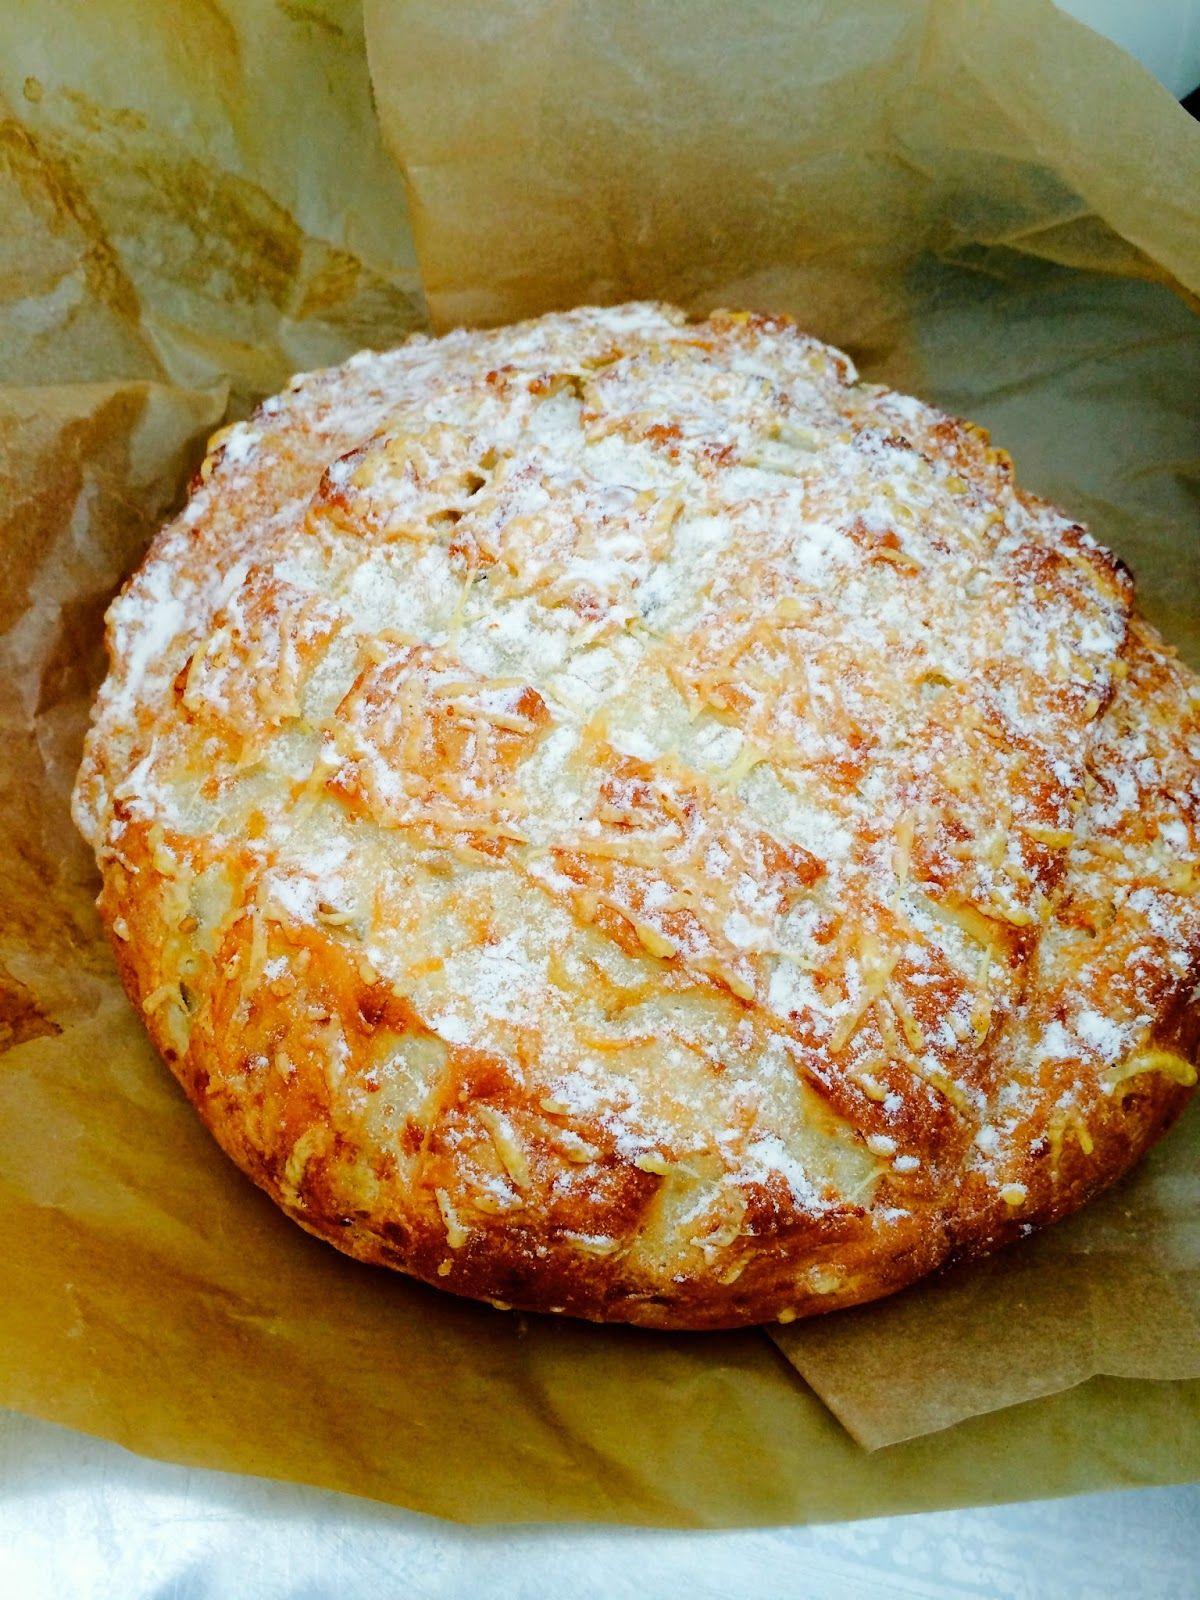 Hertsun elämää: Herkullinen Juustoleipä - Cheese bread